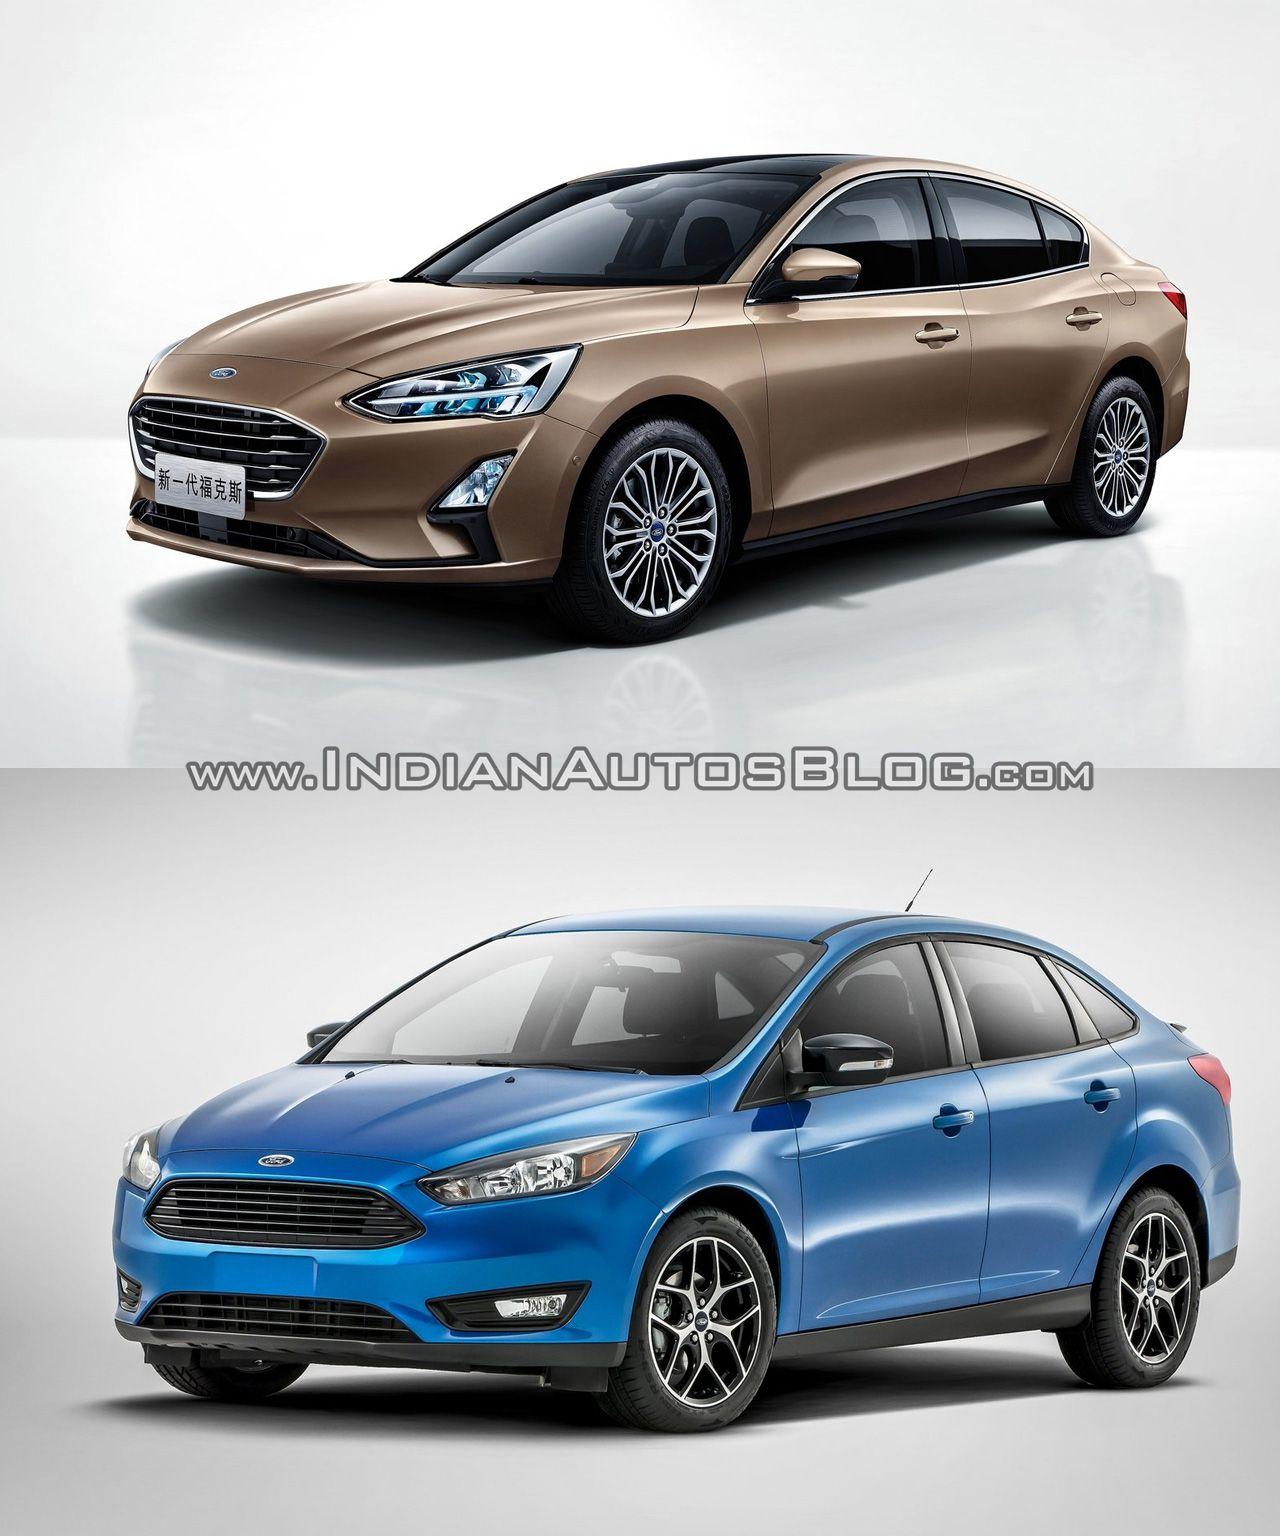 2018 Ford Focus Sedan Vs 2014 Ford Focus Sedan Old Vs New Ford